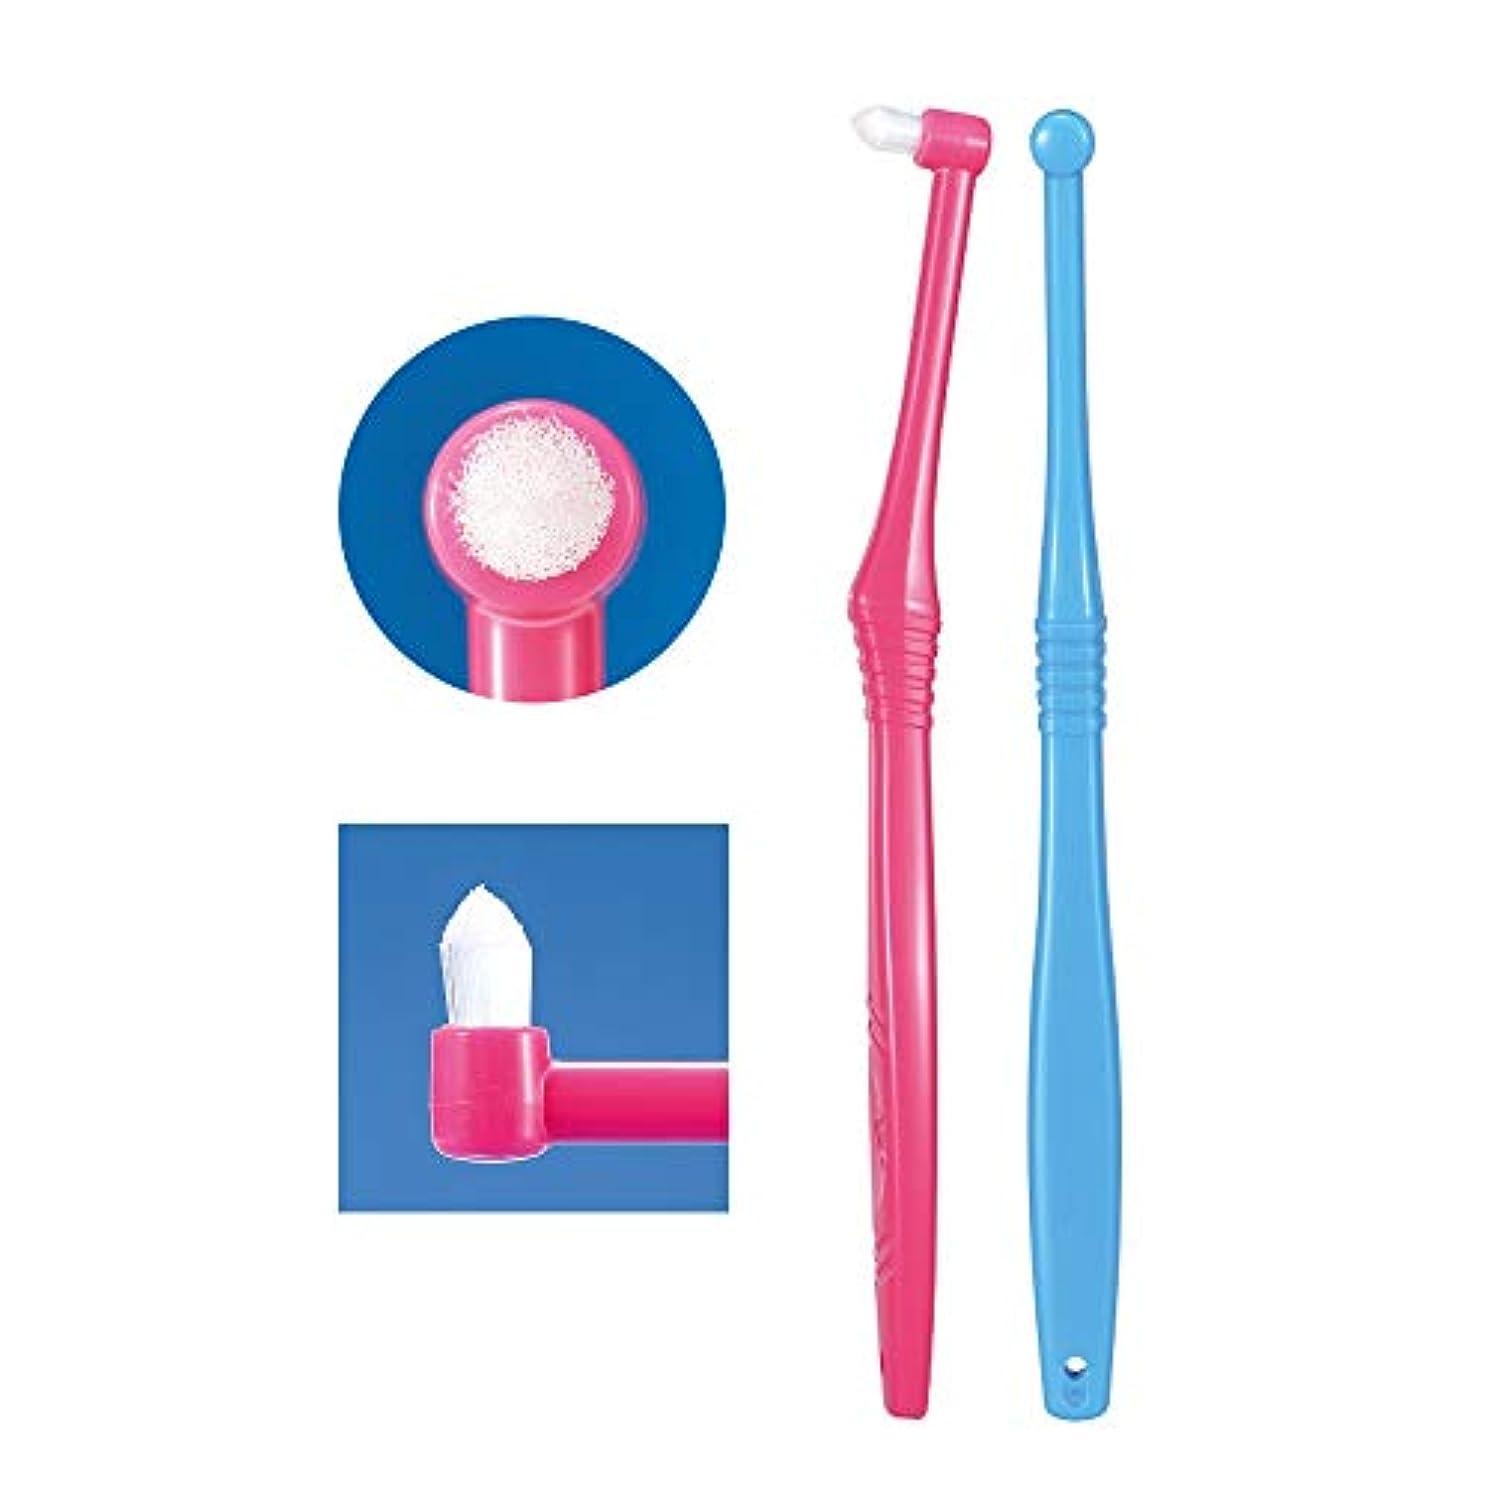 楽しませるだらしないスチュアート島Ci PROワンタフト 1本 ラージヘッド M(ふつう) ポイント磨き 歯科専売品